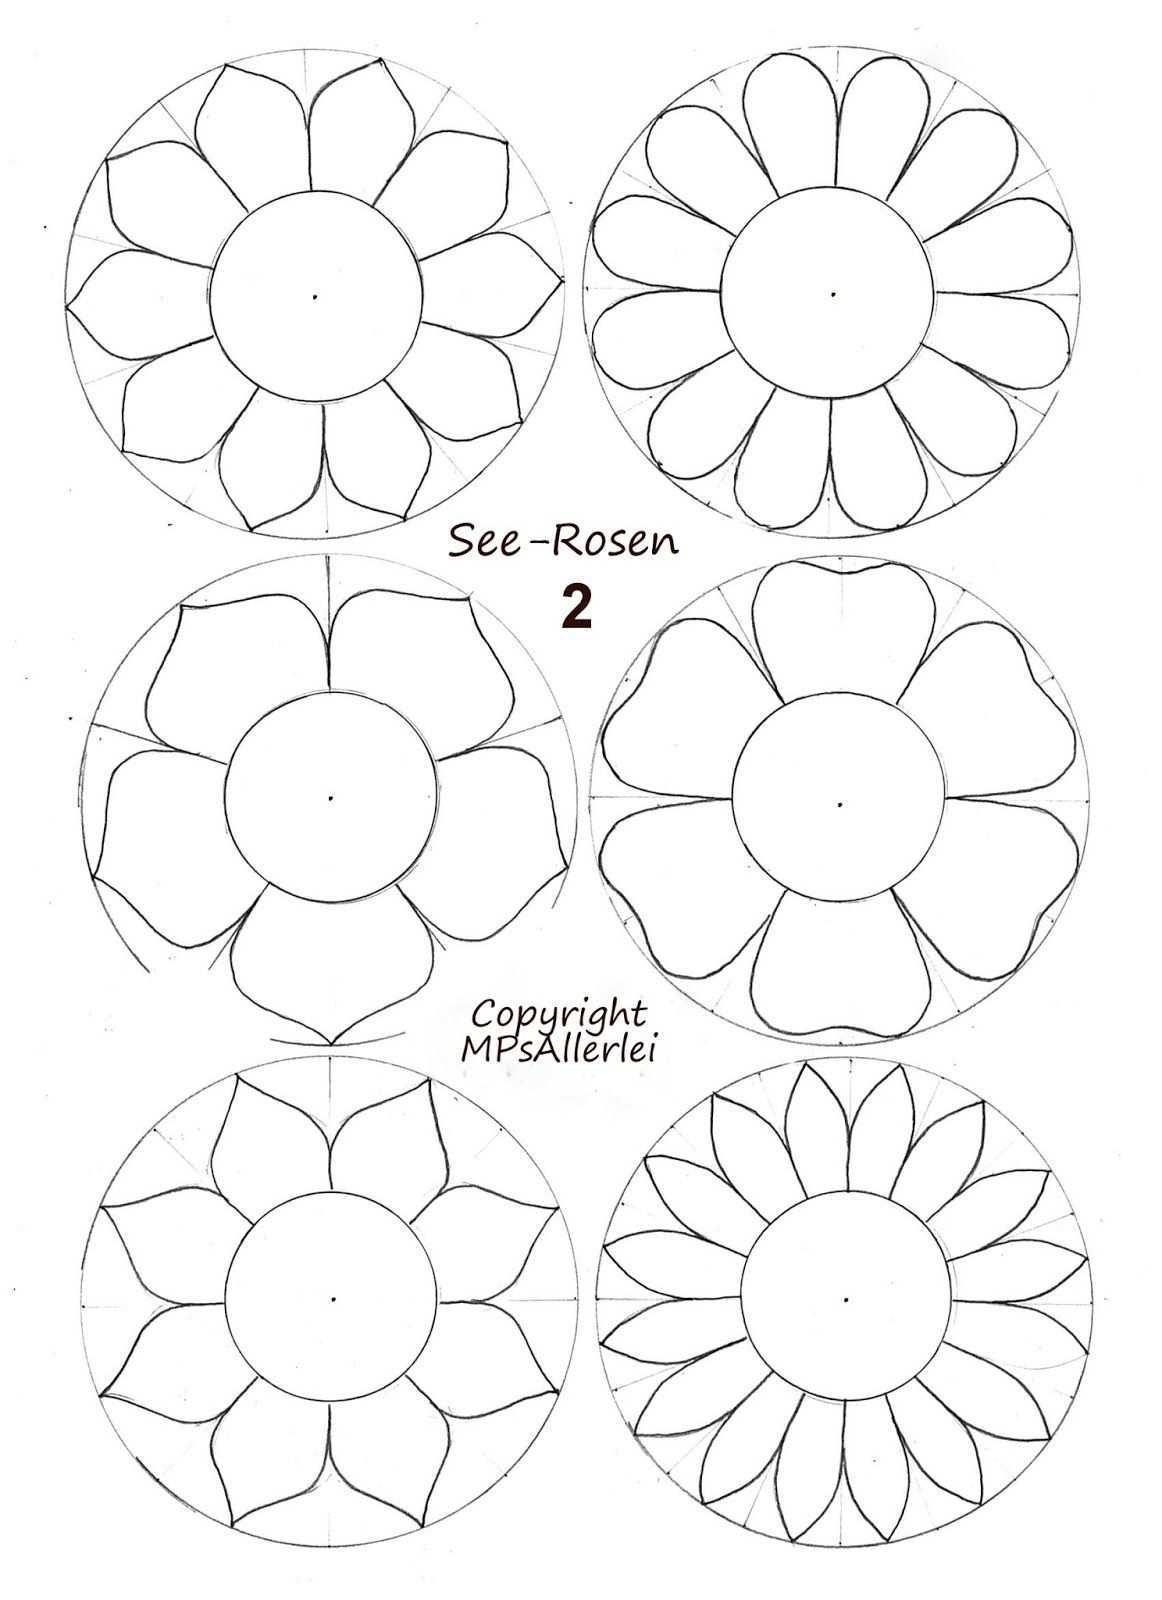 Mps Allerlei Ausdruckvorlage Seerosen 2 Vorlagen Blumen Basteln Blumen Vorlage Blumen Basteln